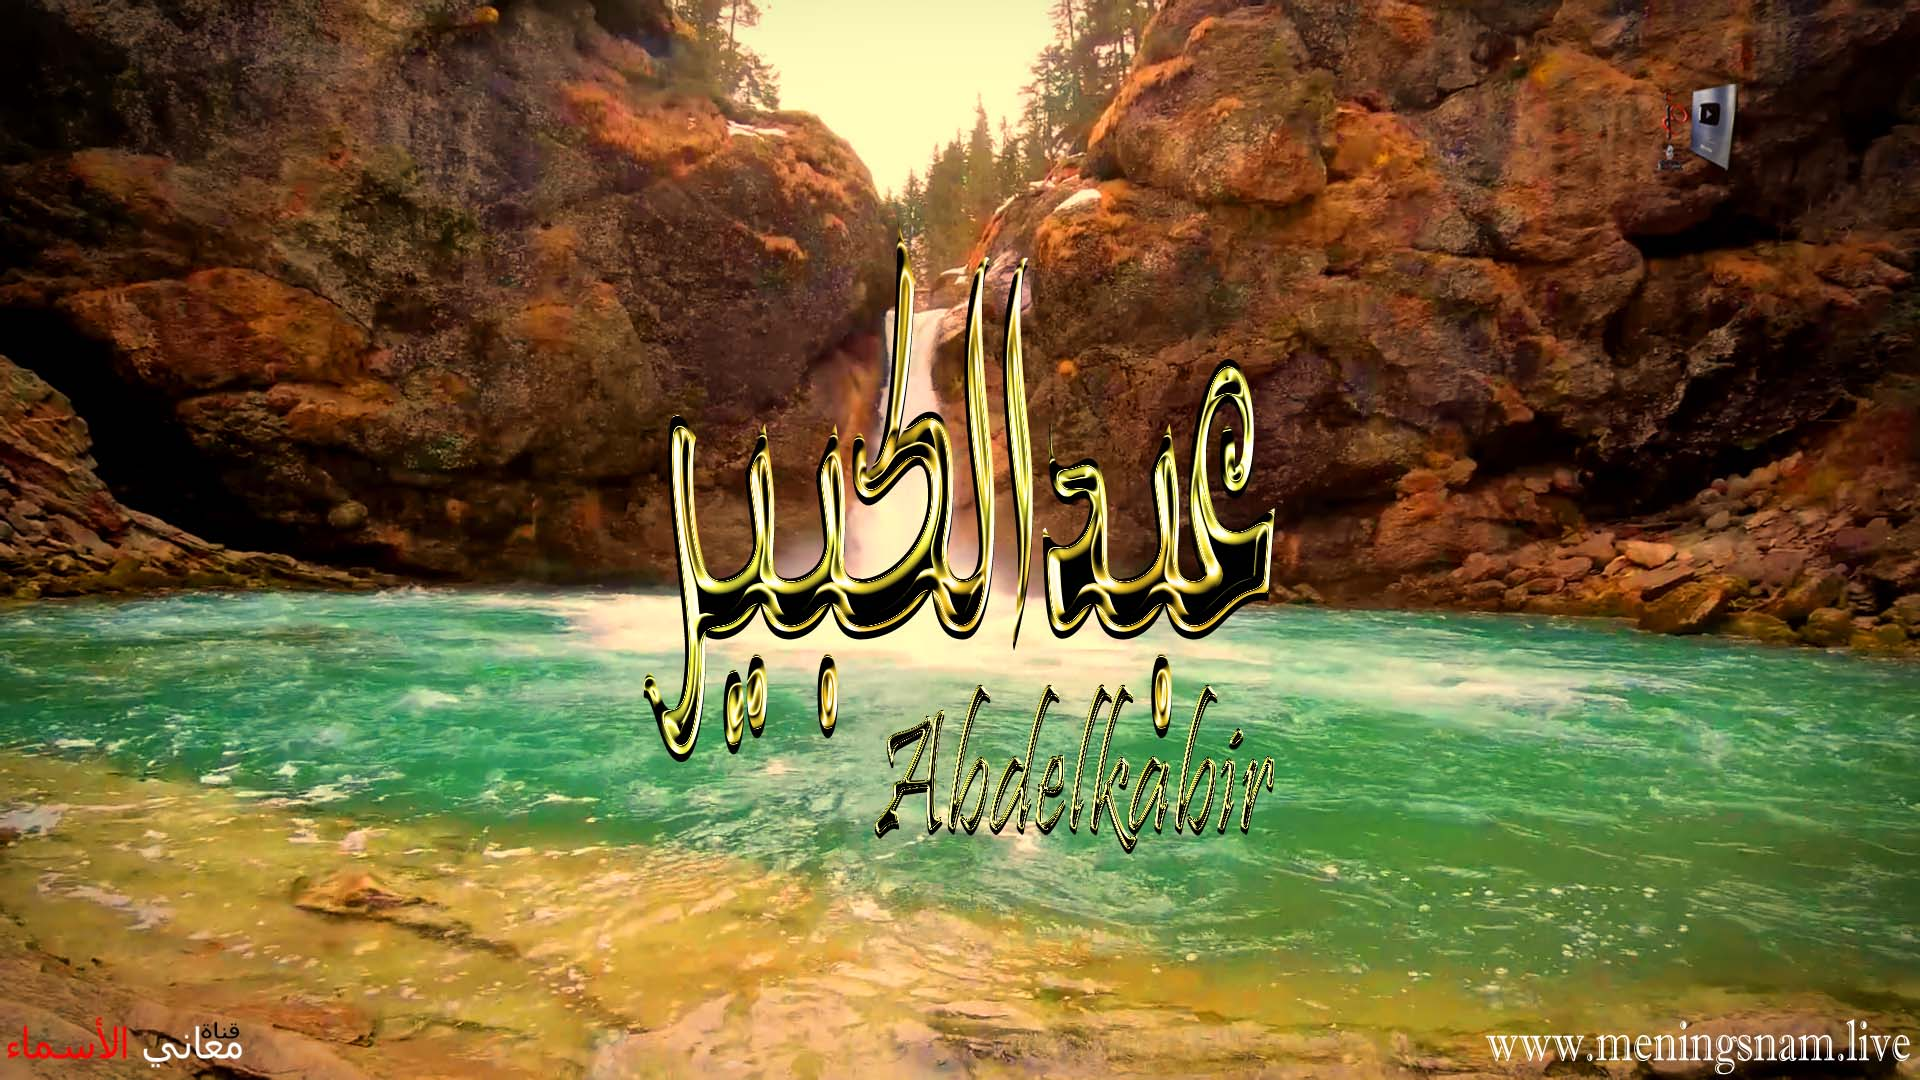 معنى اسم عبد الكبير وصفات حامل هذا الاسم Abdulkabir